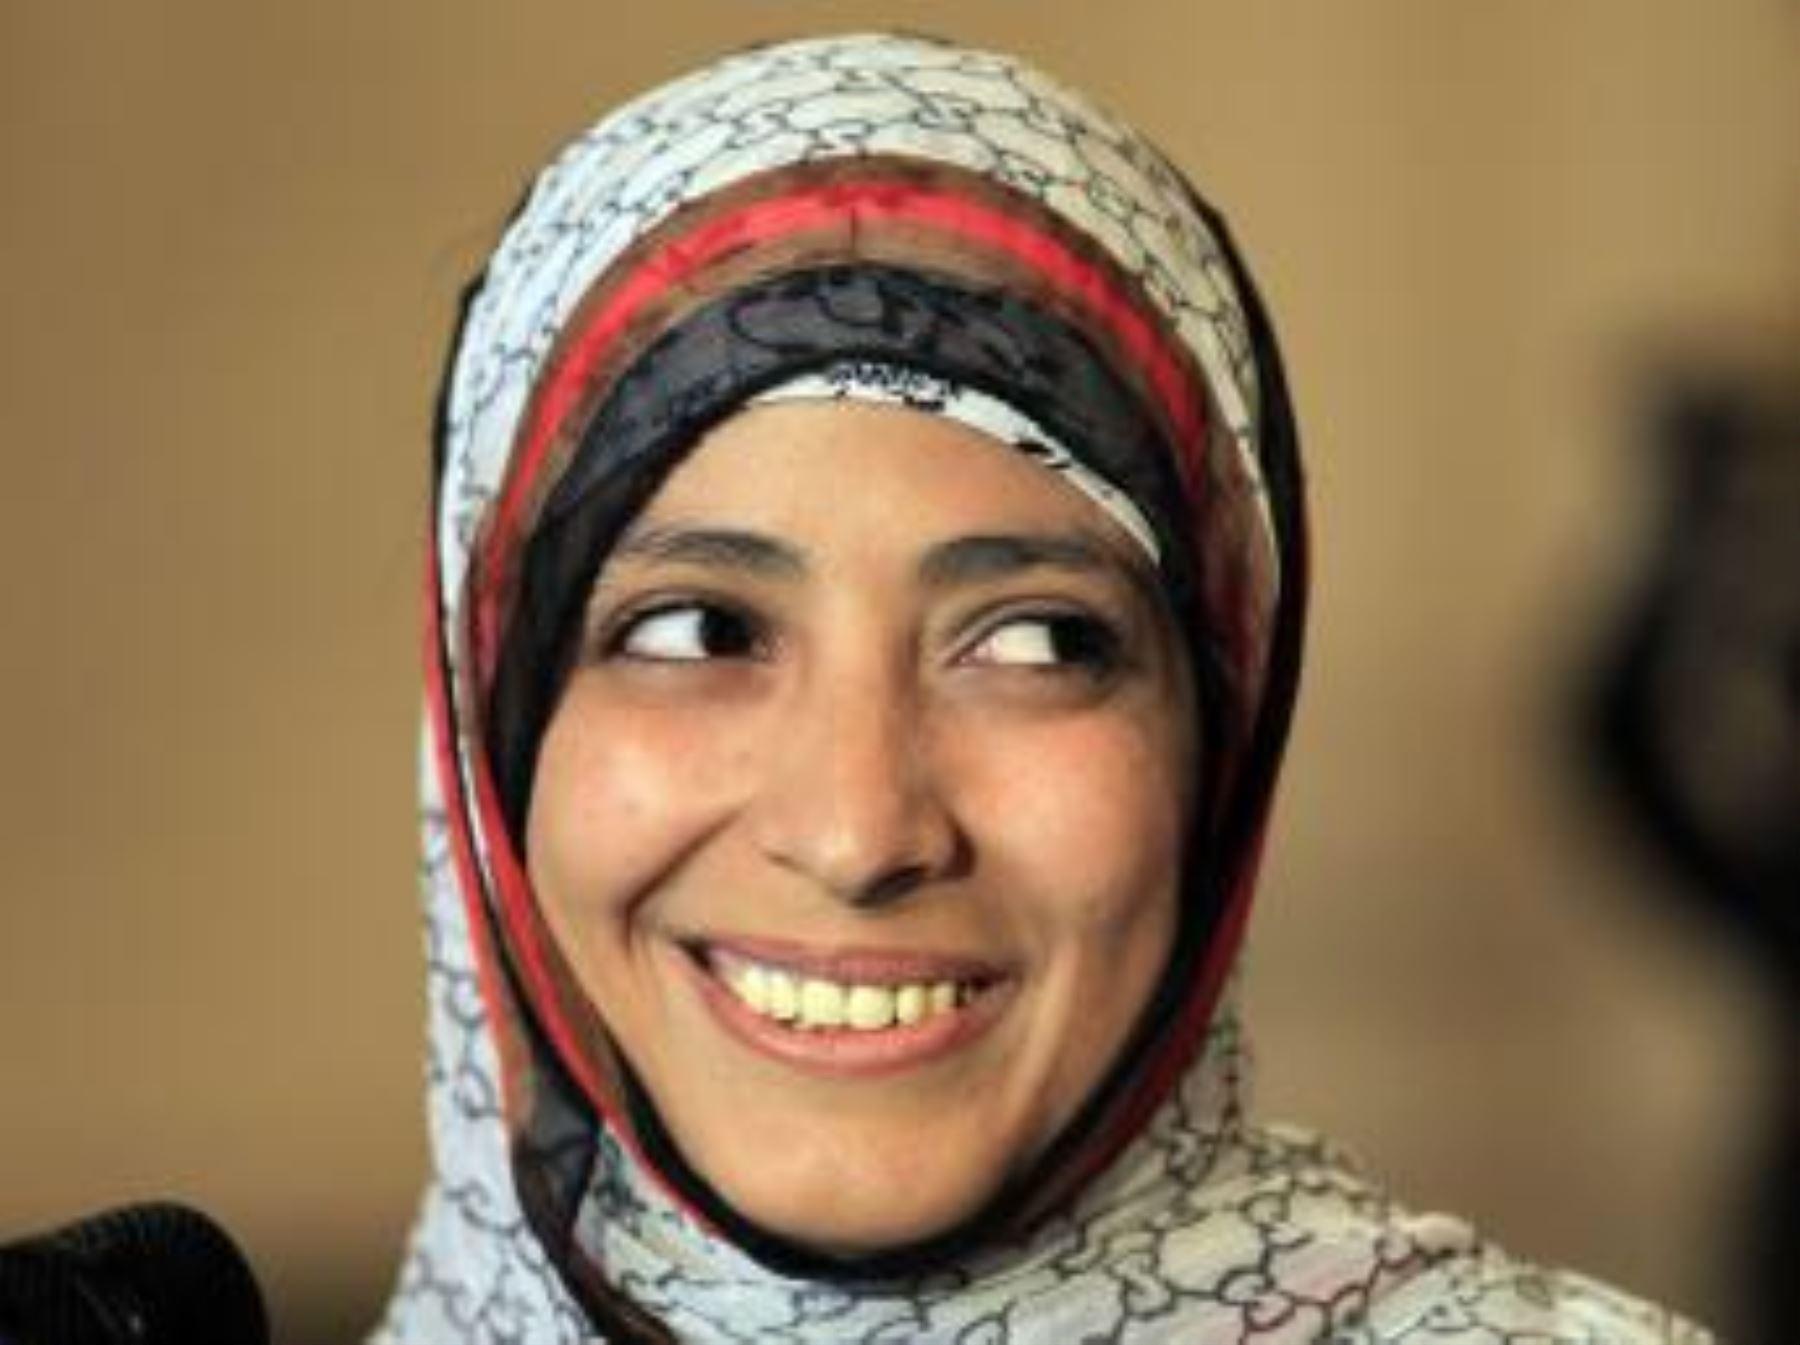 بالصور اجمل نساء العرب , صور تعبر عن نساء العرب 3968 8